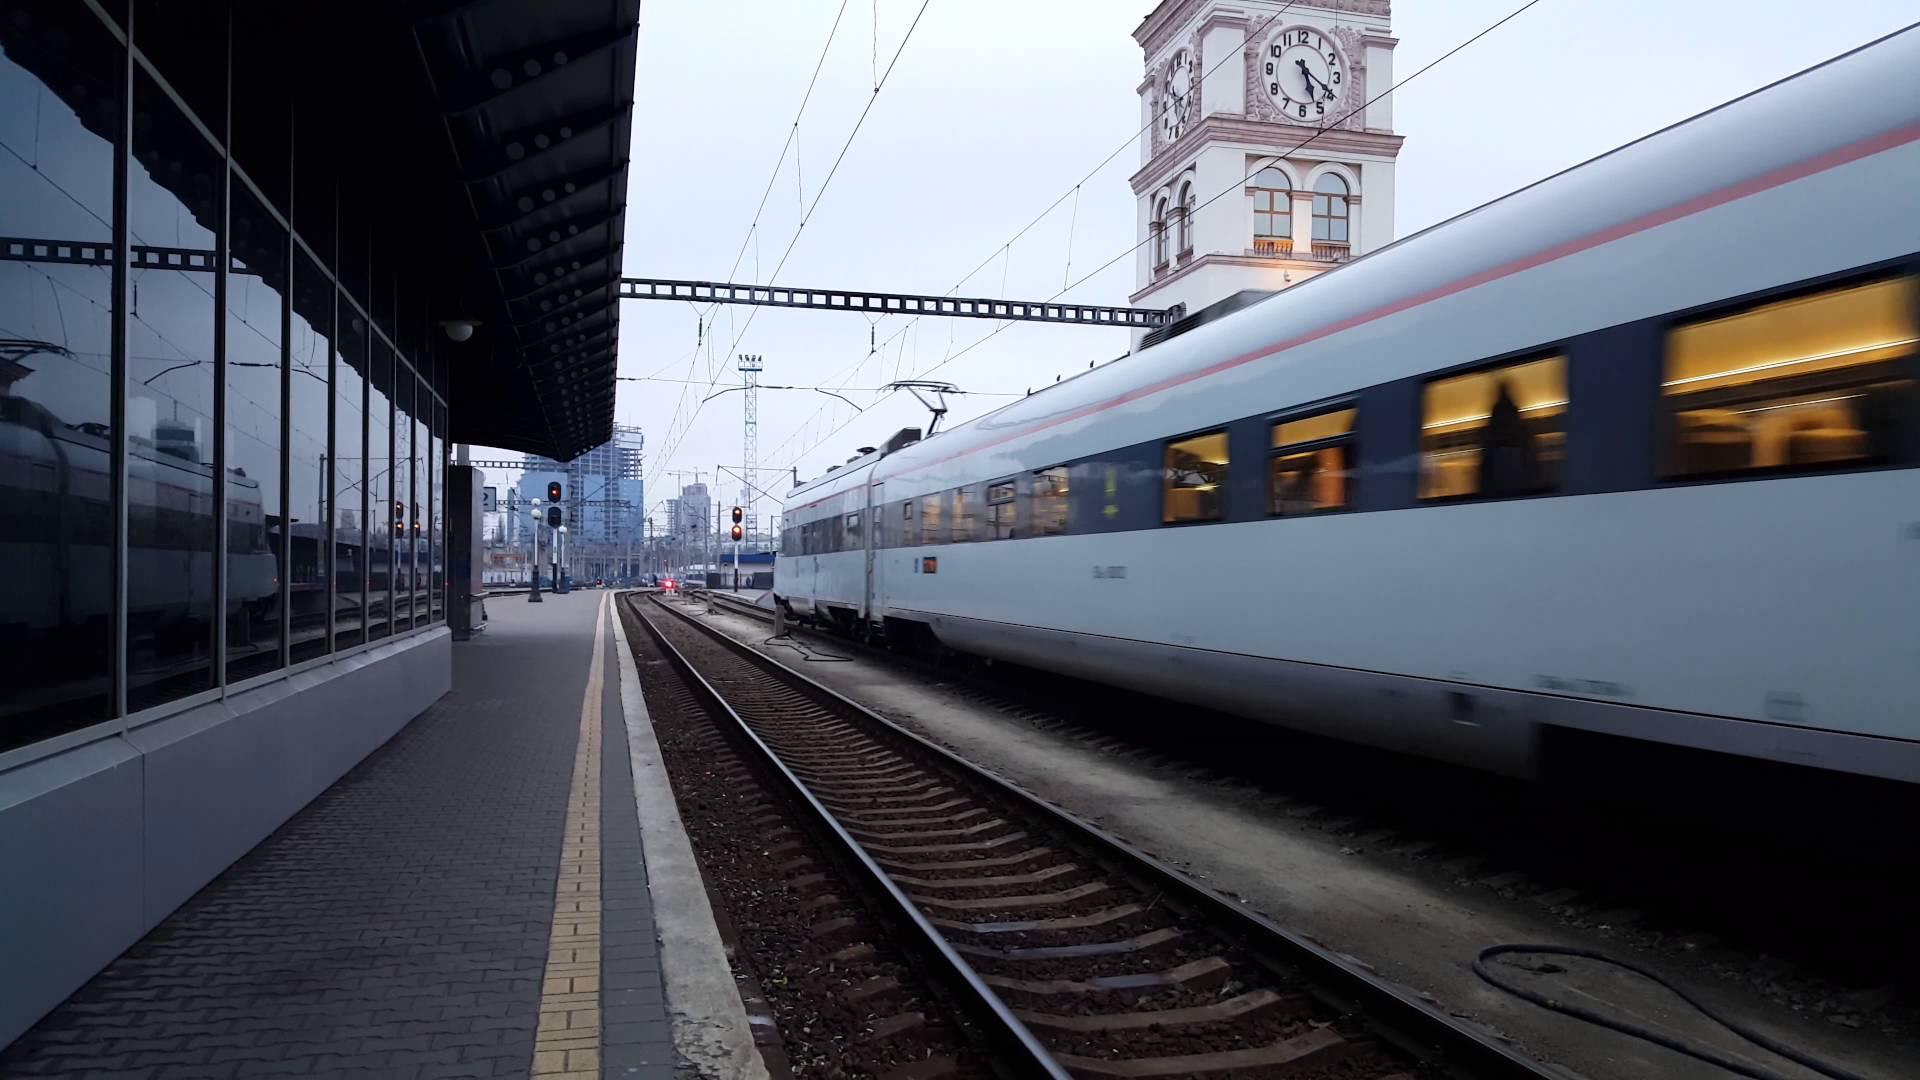 Скрытая съемка в вагоне поезда 4 фотография